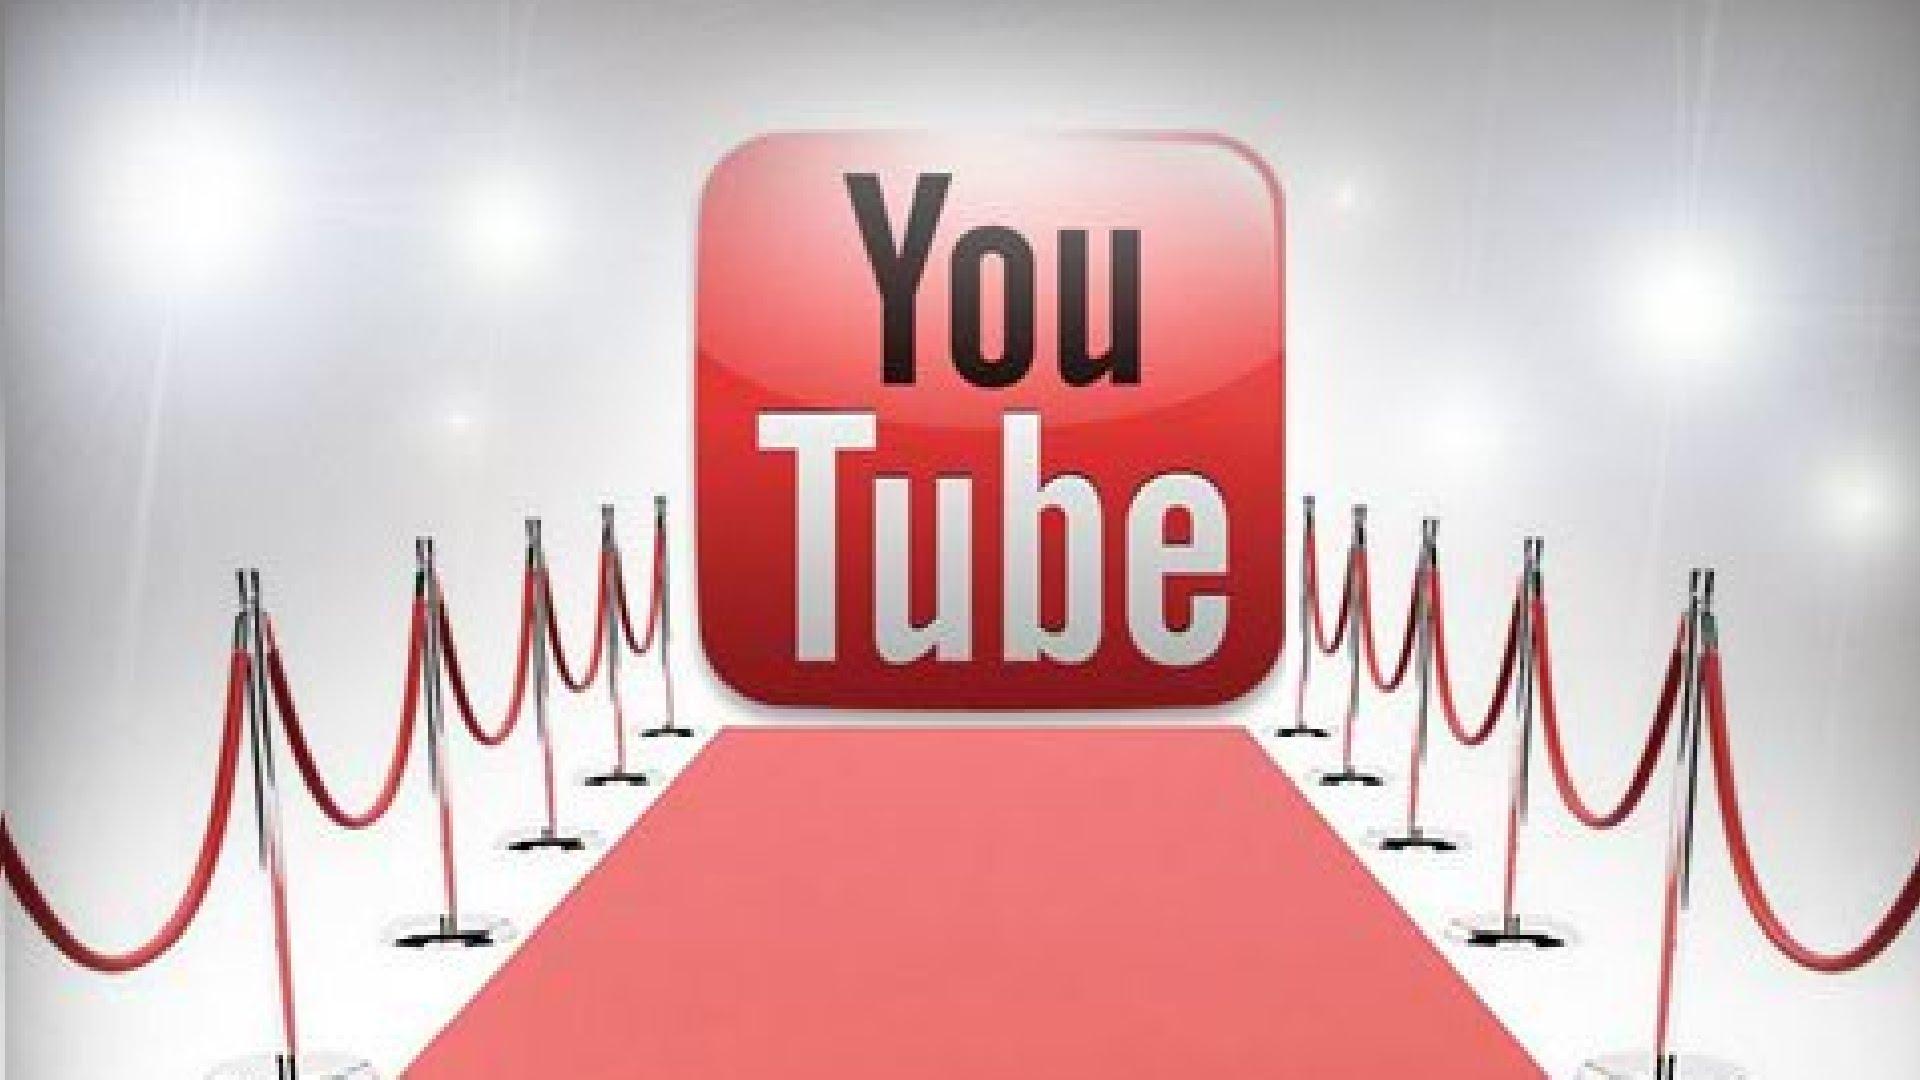 Spevácke hviezdy, ktorých kariéra začala na YouTube